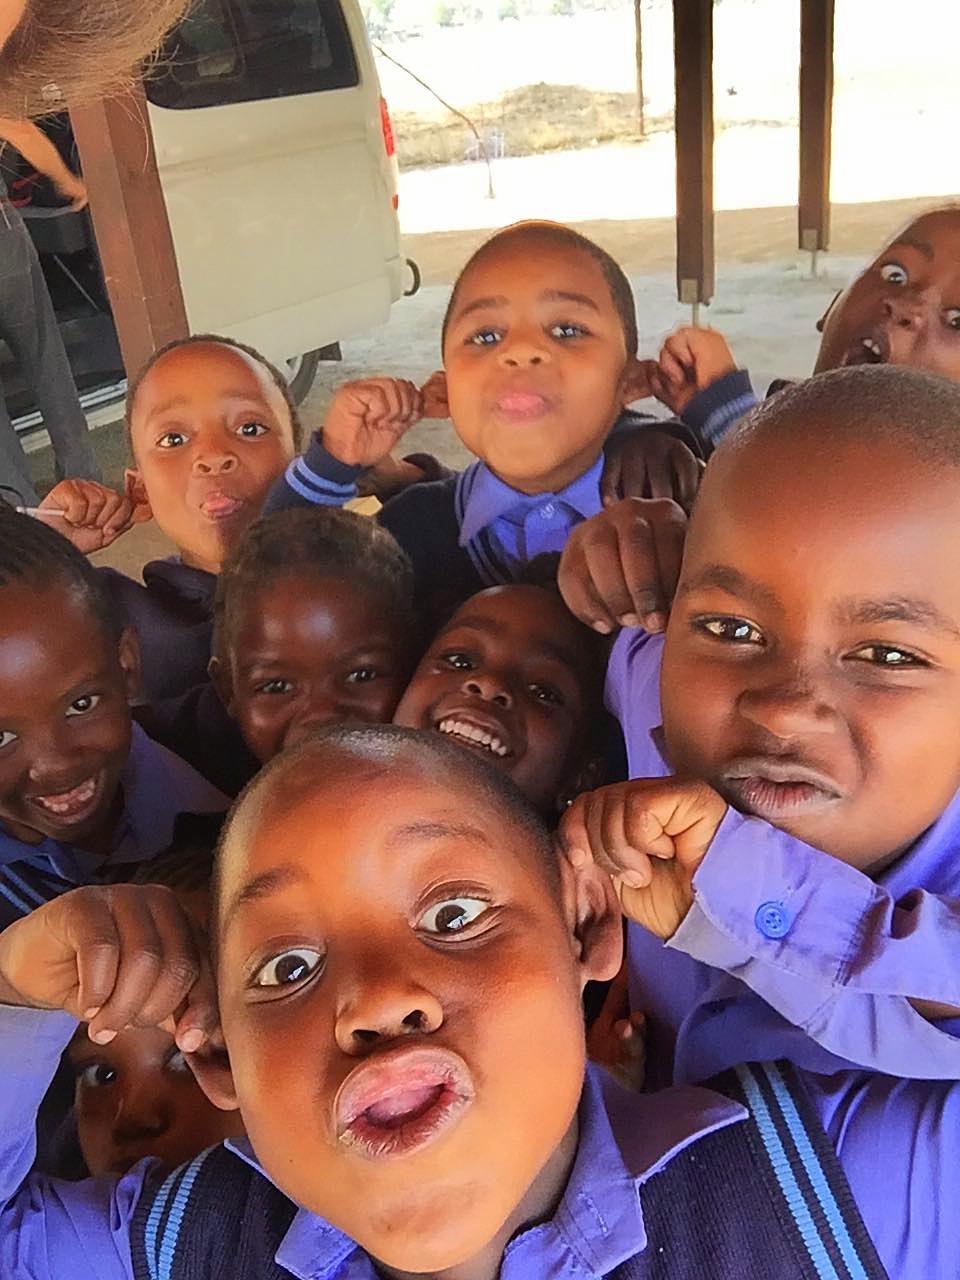 Trotz der verhherenden Umstände, haben diese Kinder ihr Lachen nicht verlernt.